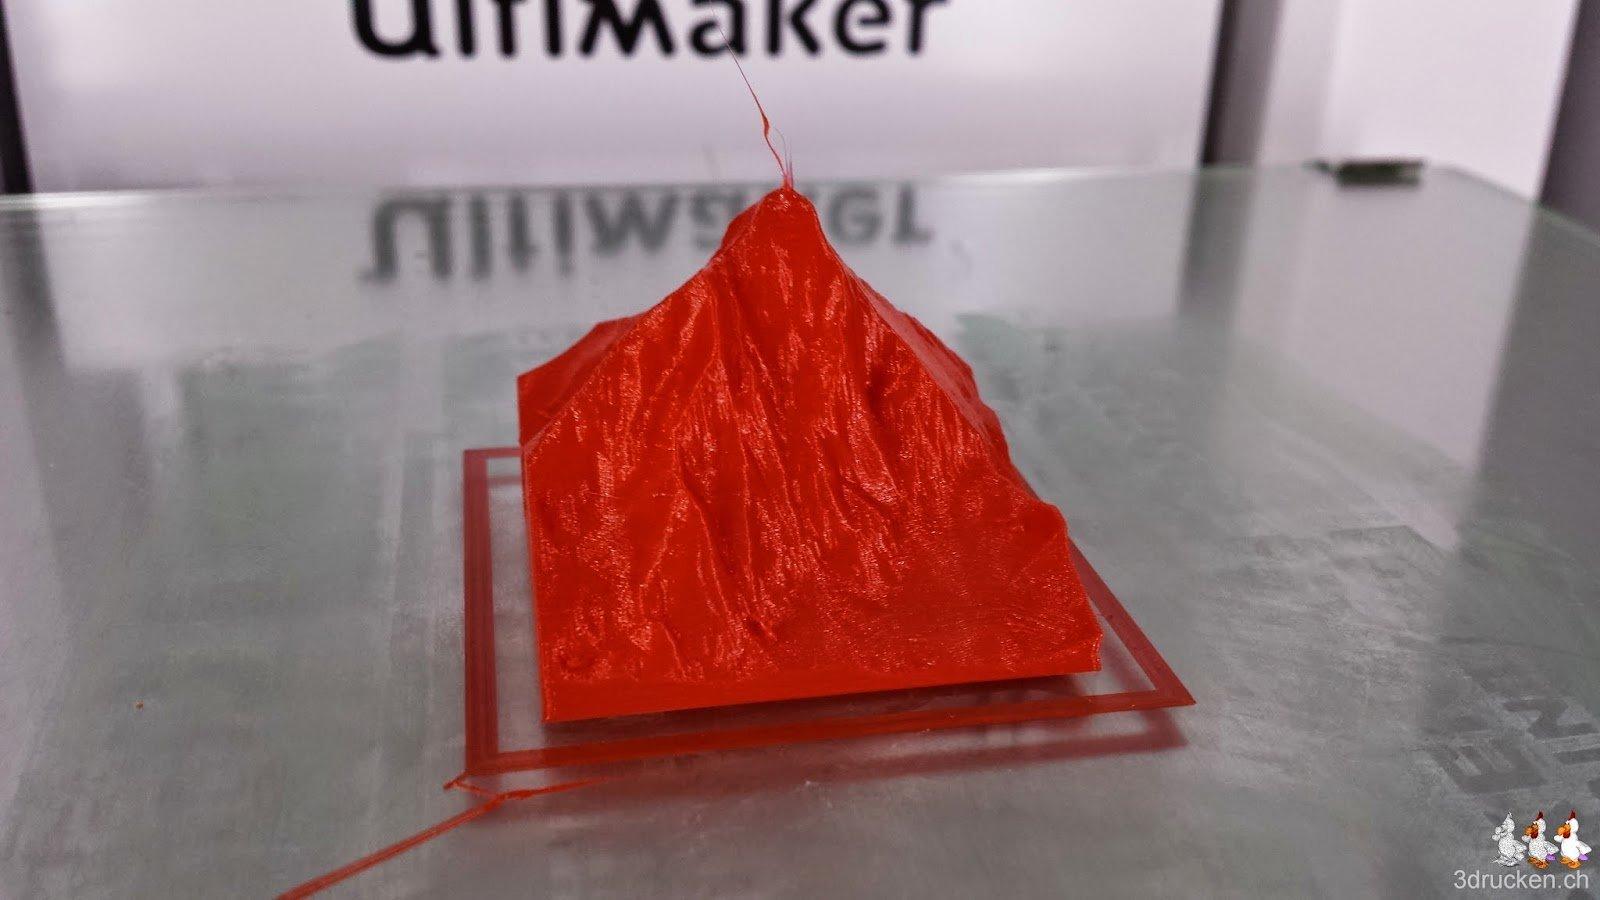 Foto des zweiten erfolgreichen Druckversuchs des Matterhorn Giveaways auf dem Ultimaker 2